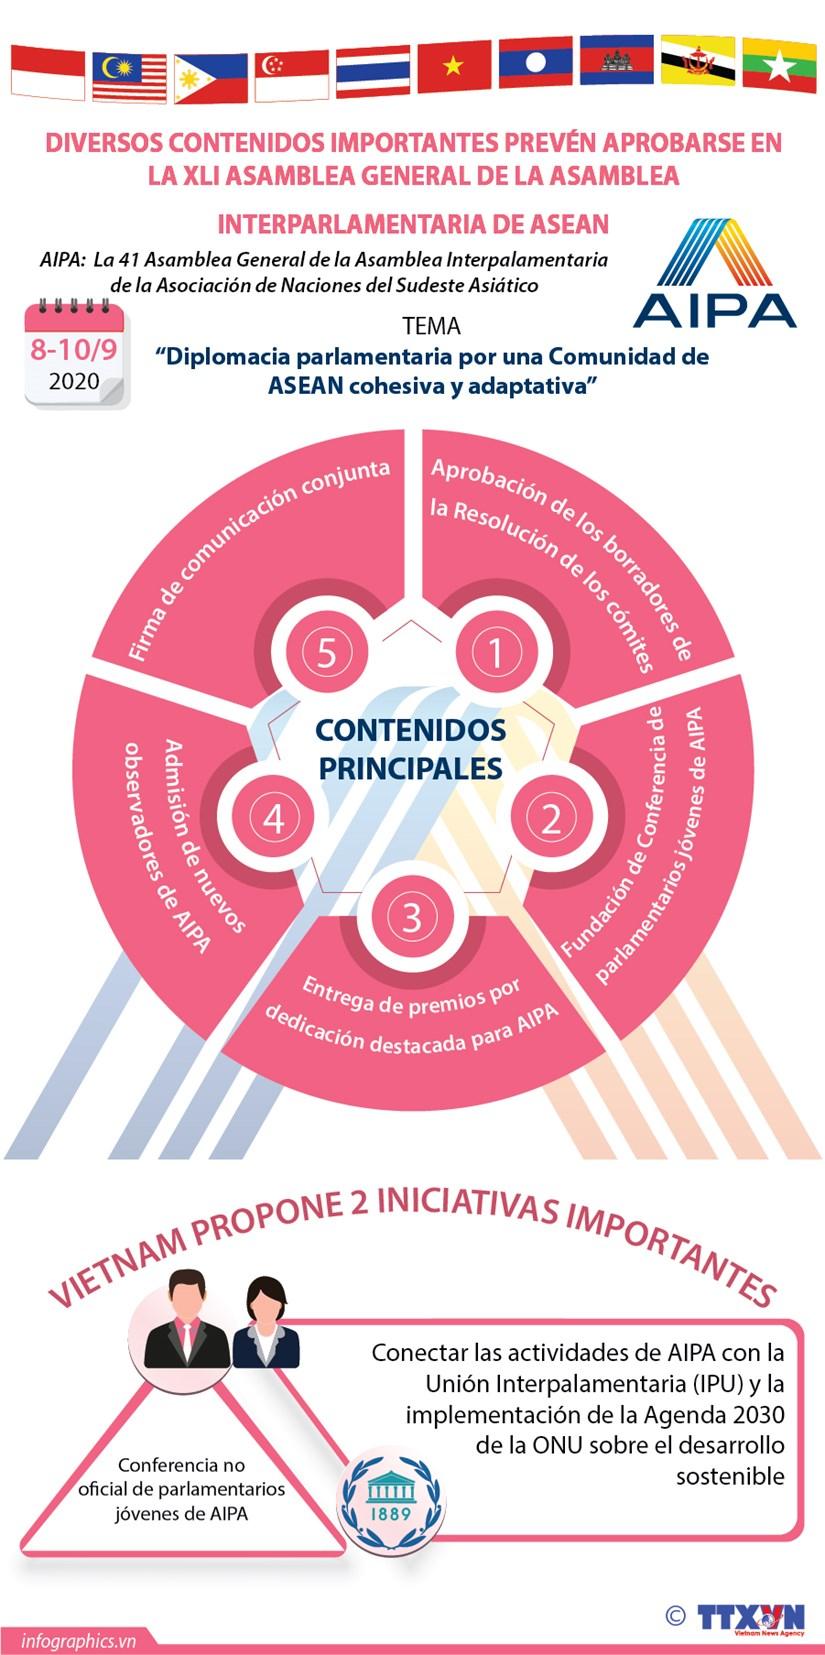 Diversos contenidos importantes preven aprobarse en la AIPA 41 hinh anh 1